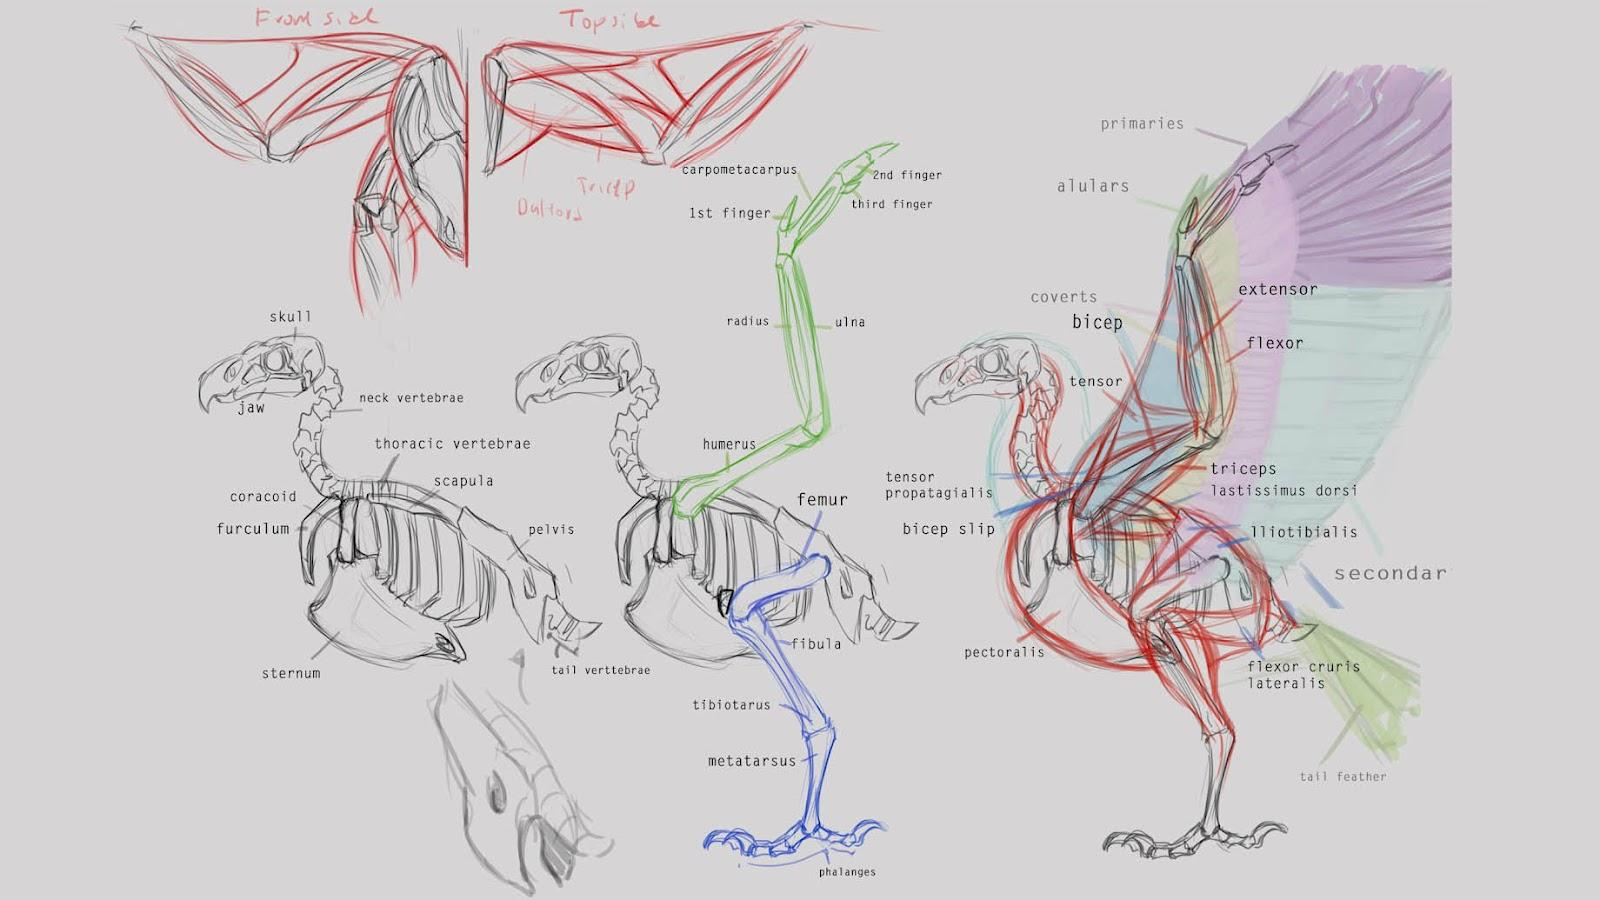 Eagle Anatomy Diagram Yamaha Golf English Bald Bone Structure Bing Images